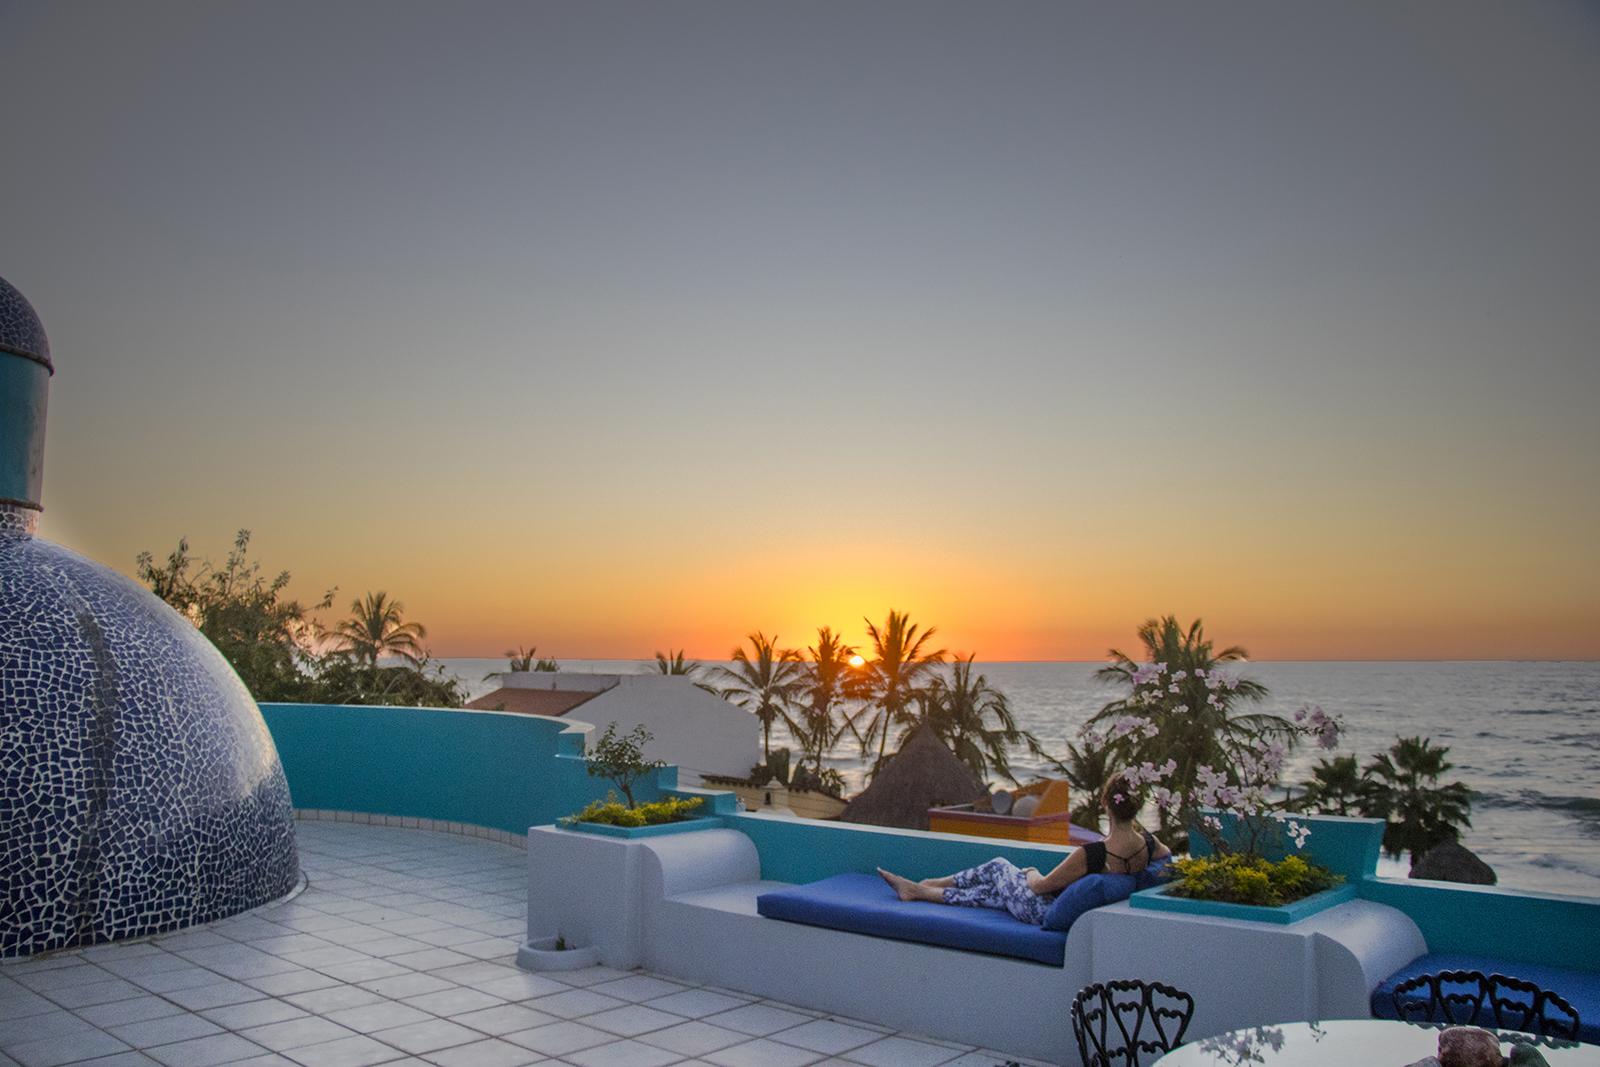 Terrace at Casa Aqua Bella - Vacation Rental - San Pancho, Nayarit, Mexico